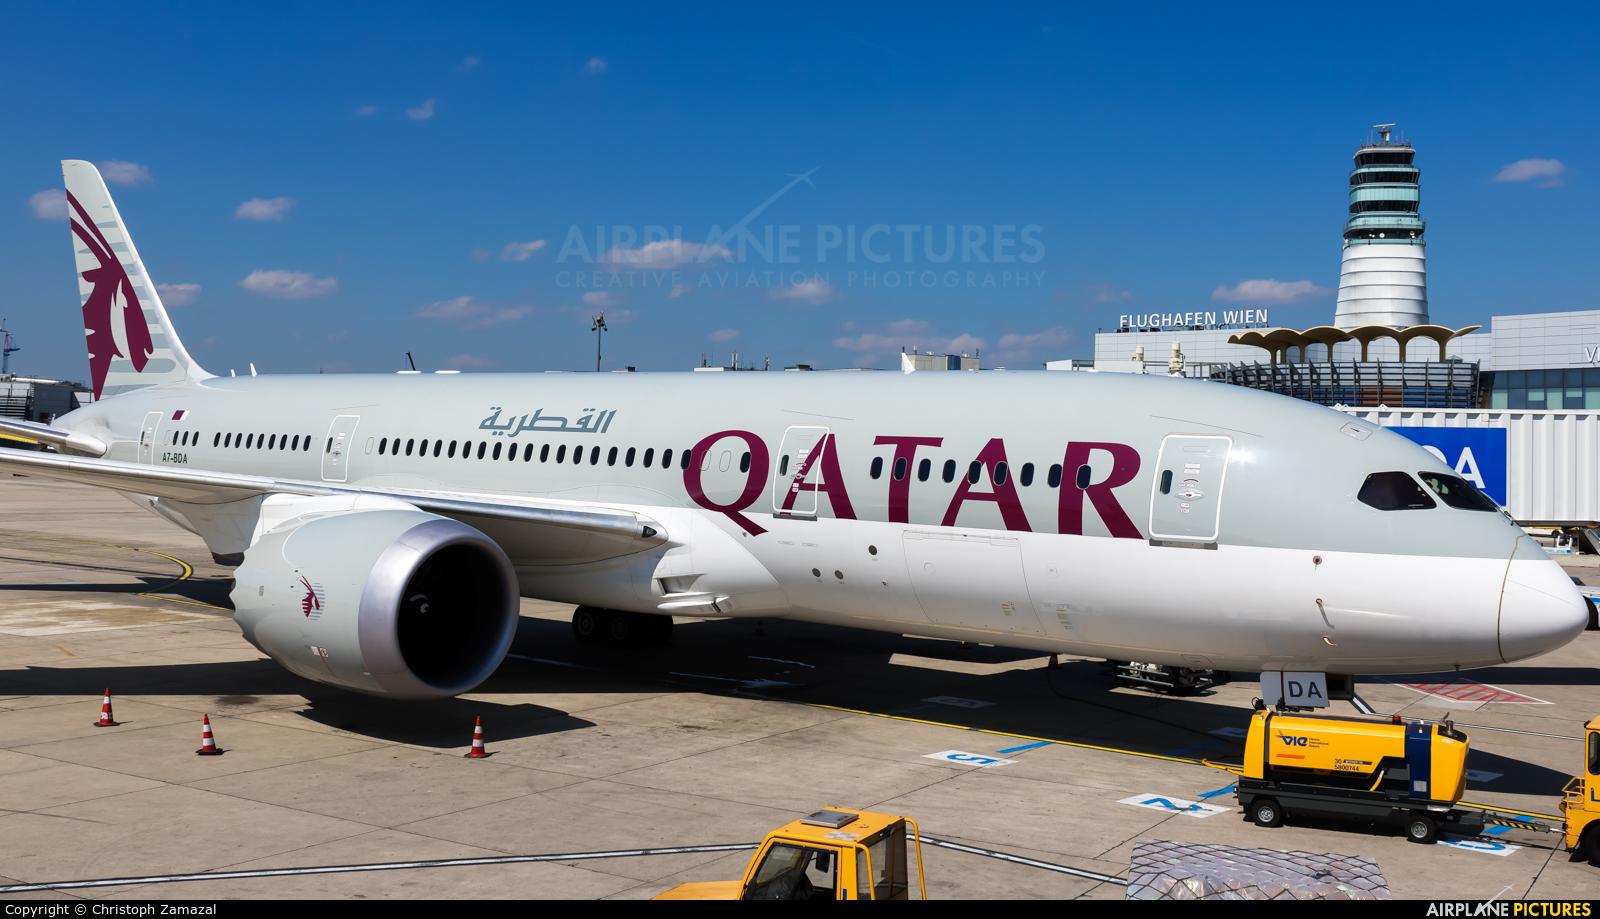 Qatar Airways A7-BDA aircraft at Vienna - Schwechat